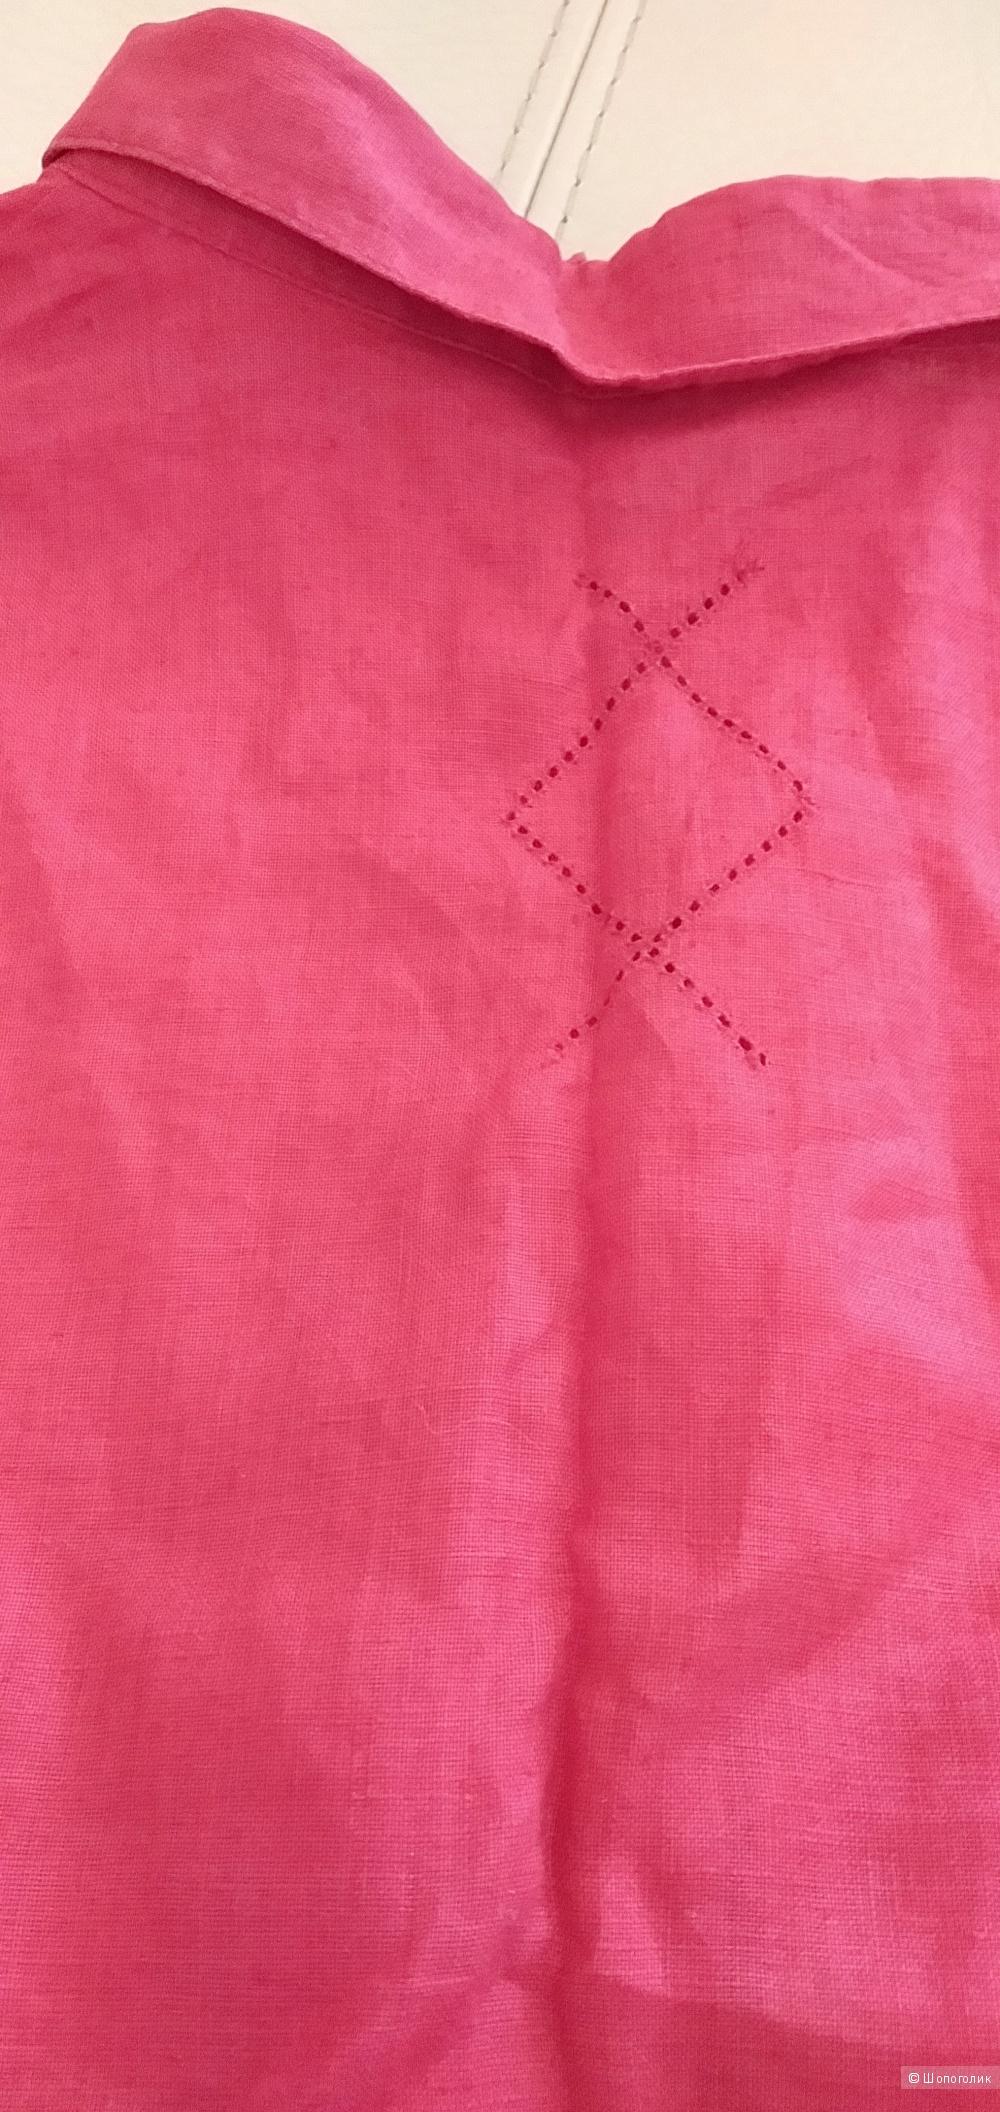 Рубашка Monsoon ,размер 12 евр